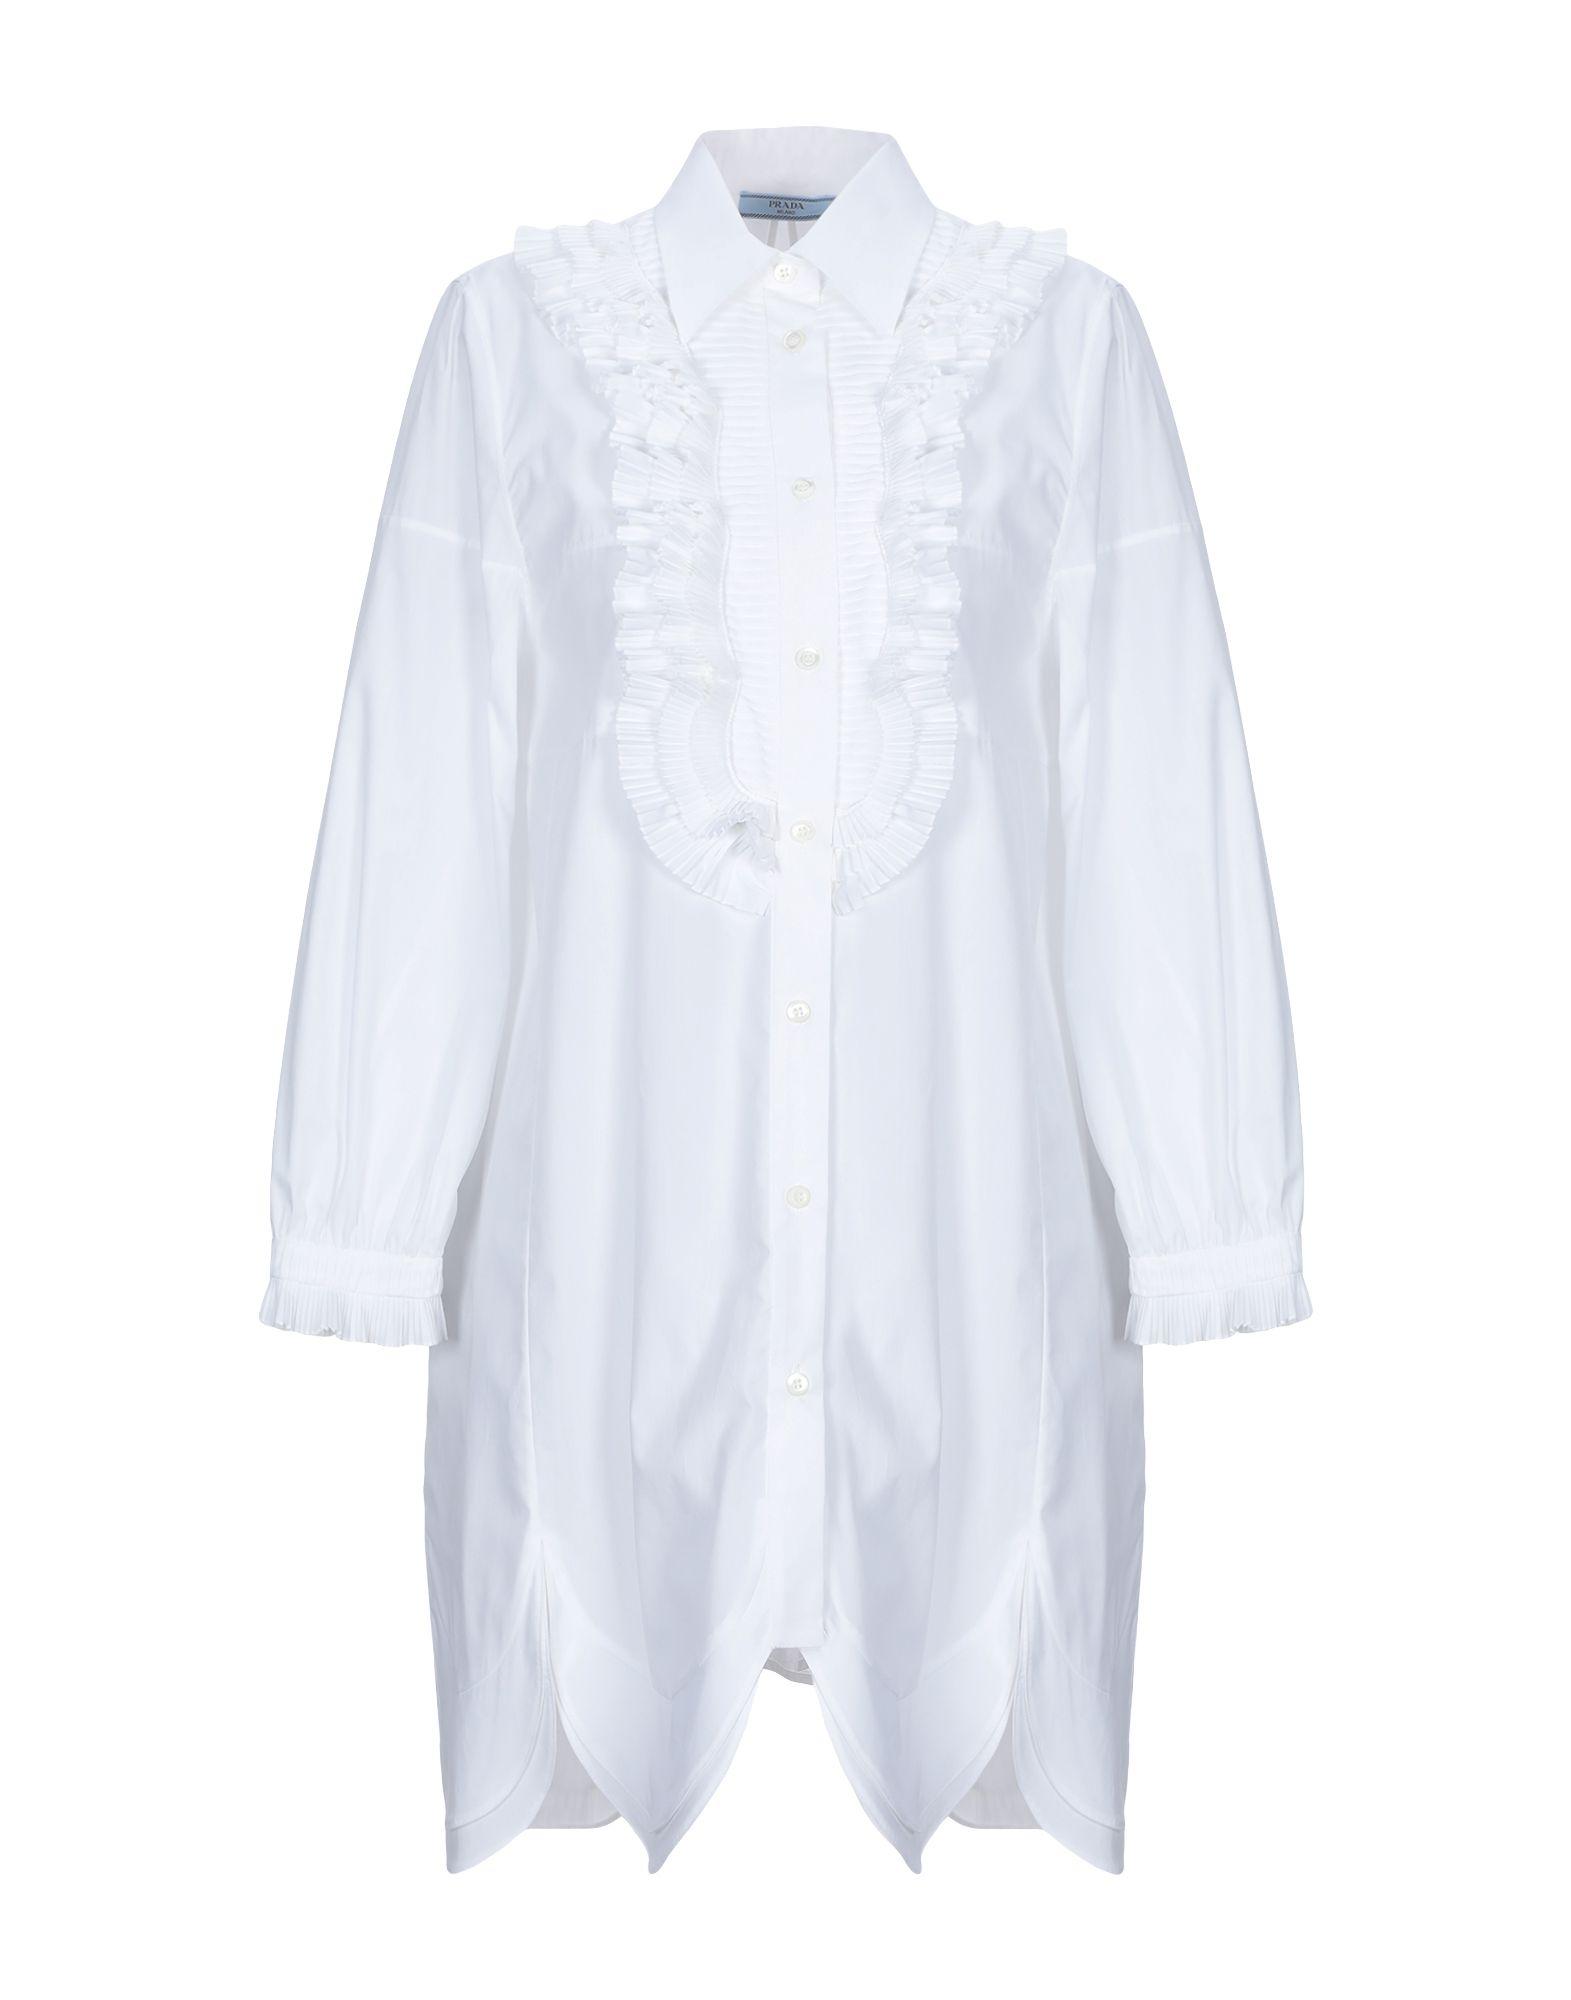 Camicie E bluse Tinta Unita Prada Prada donna - 38831662AK